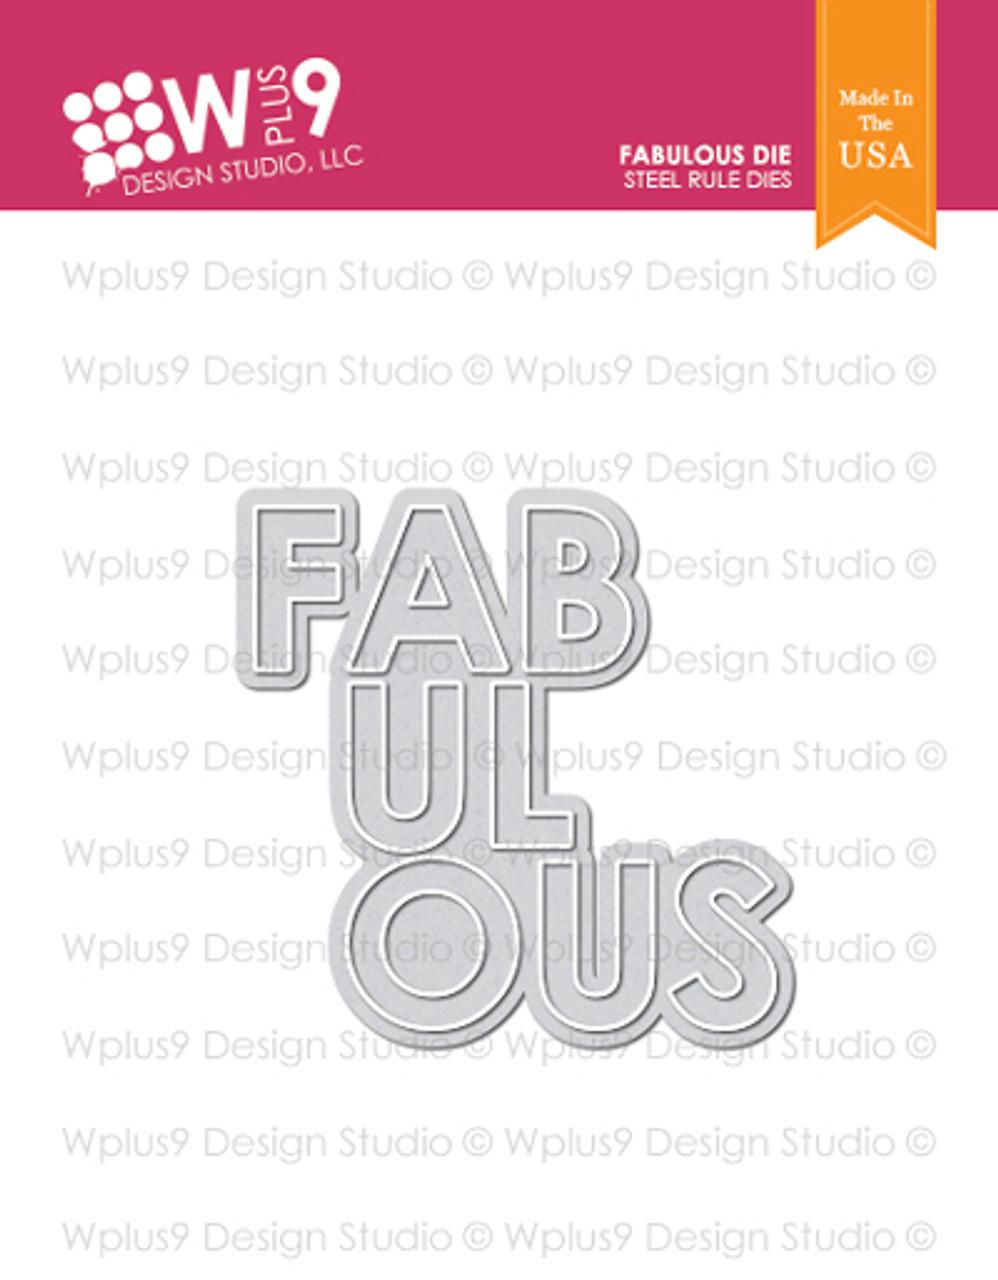 Wplus9 Fabulous Die